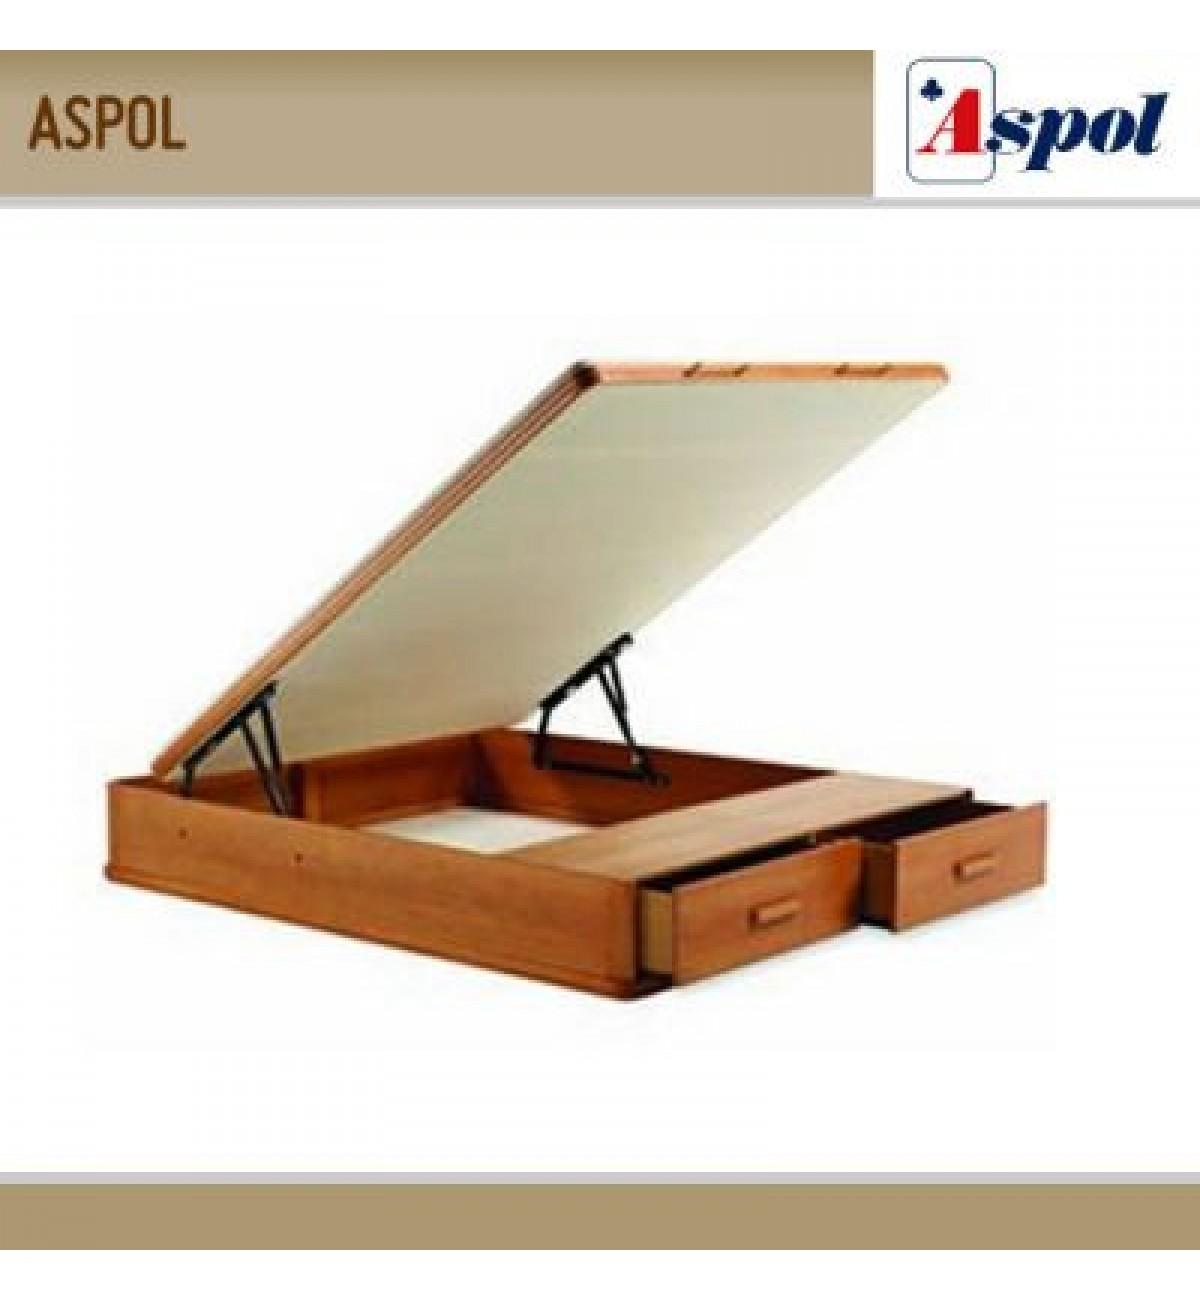 Canap aspol mixto madera tapa abatible y cajones en piecero for Camas de madera precios